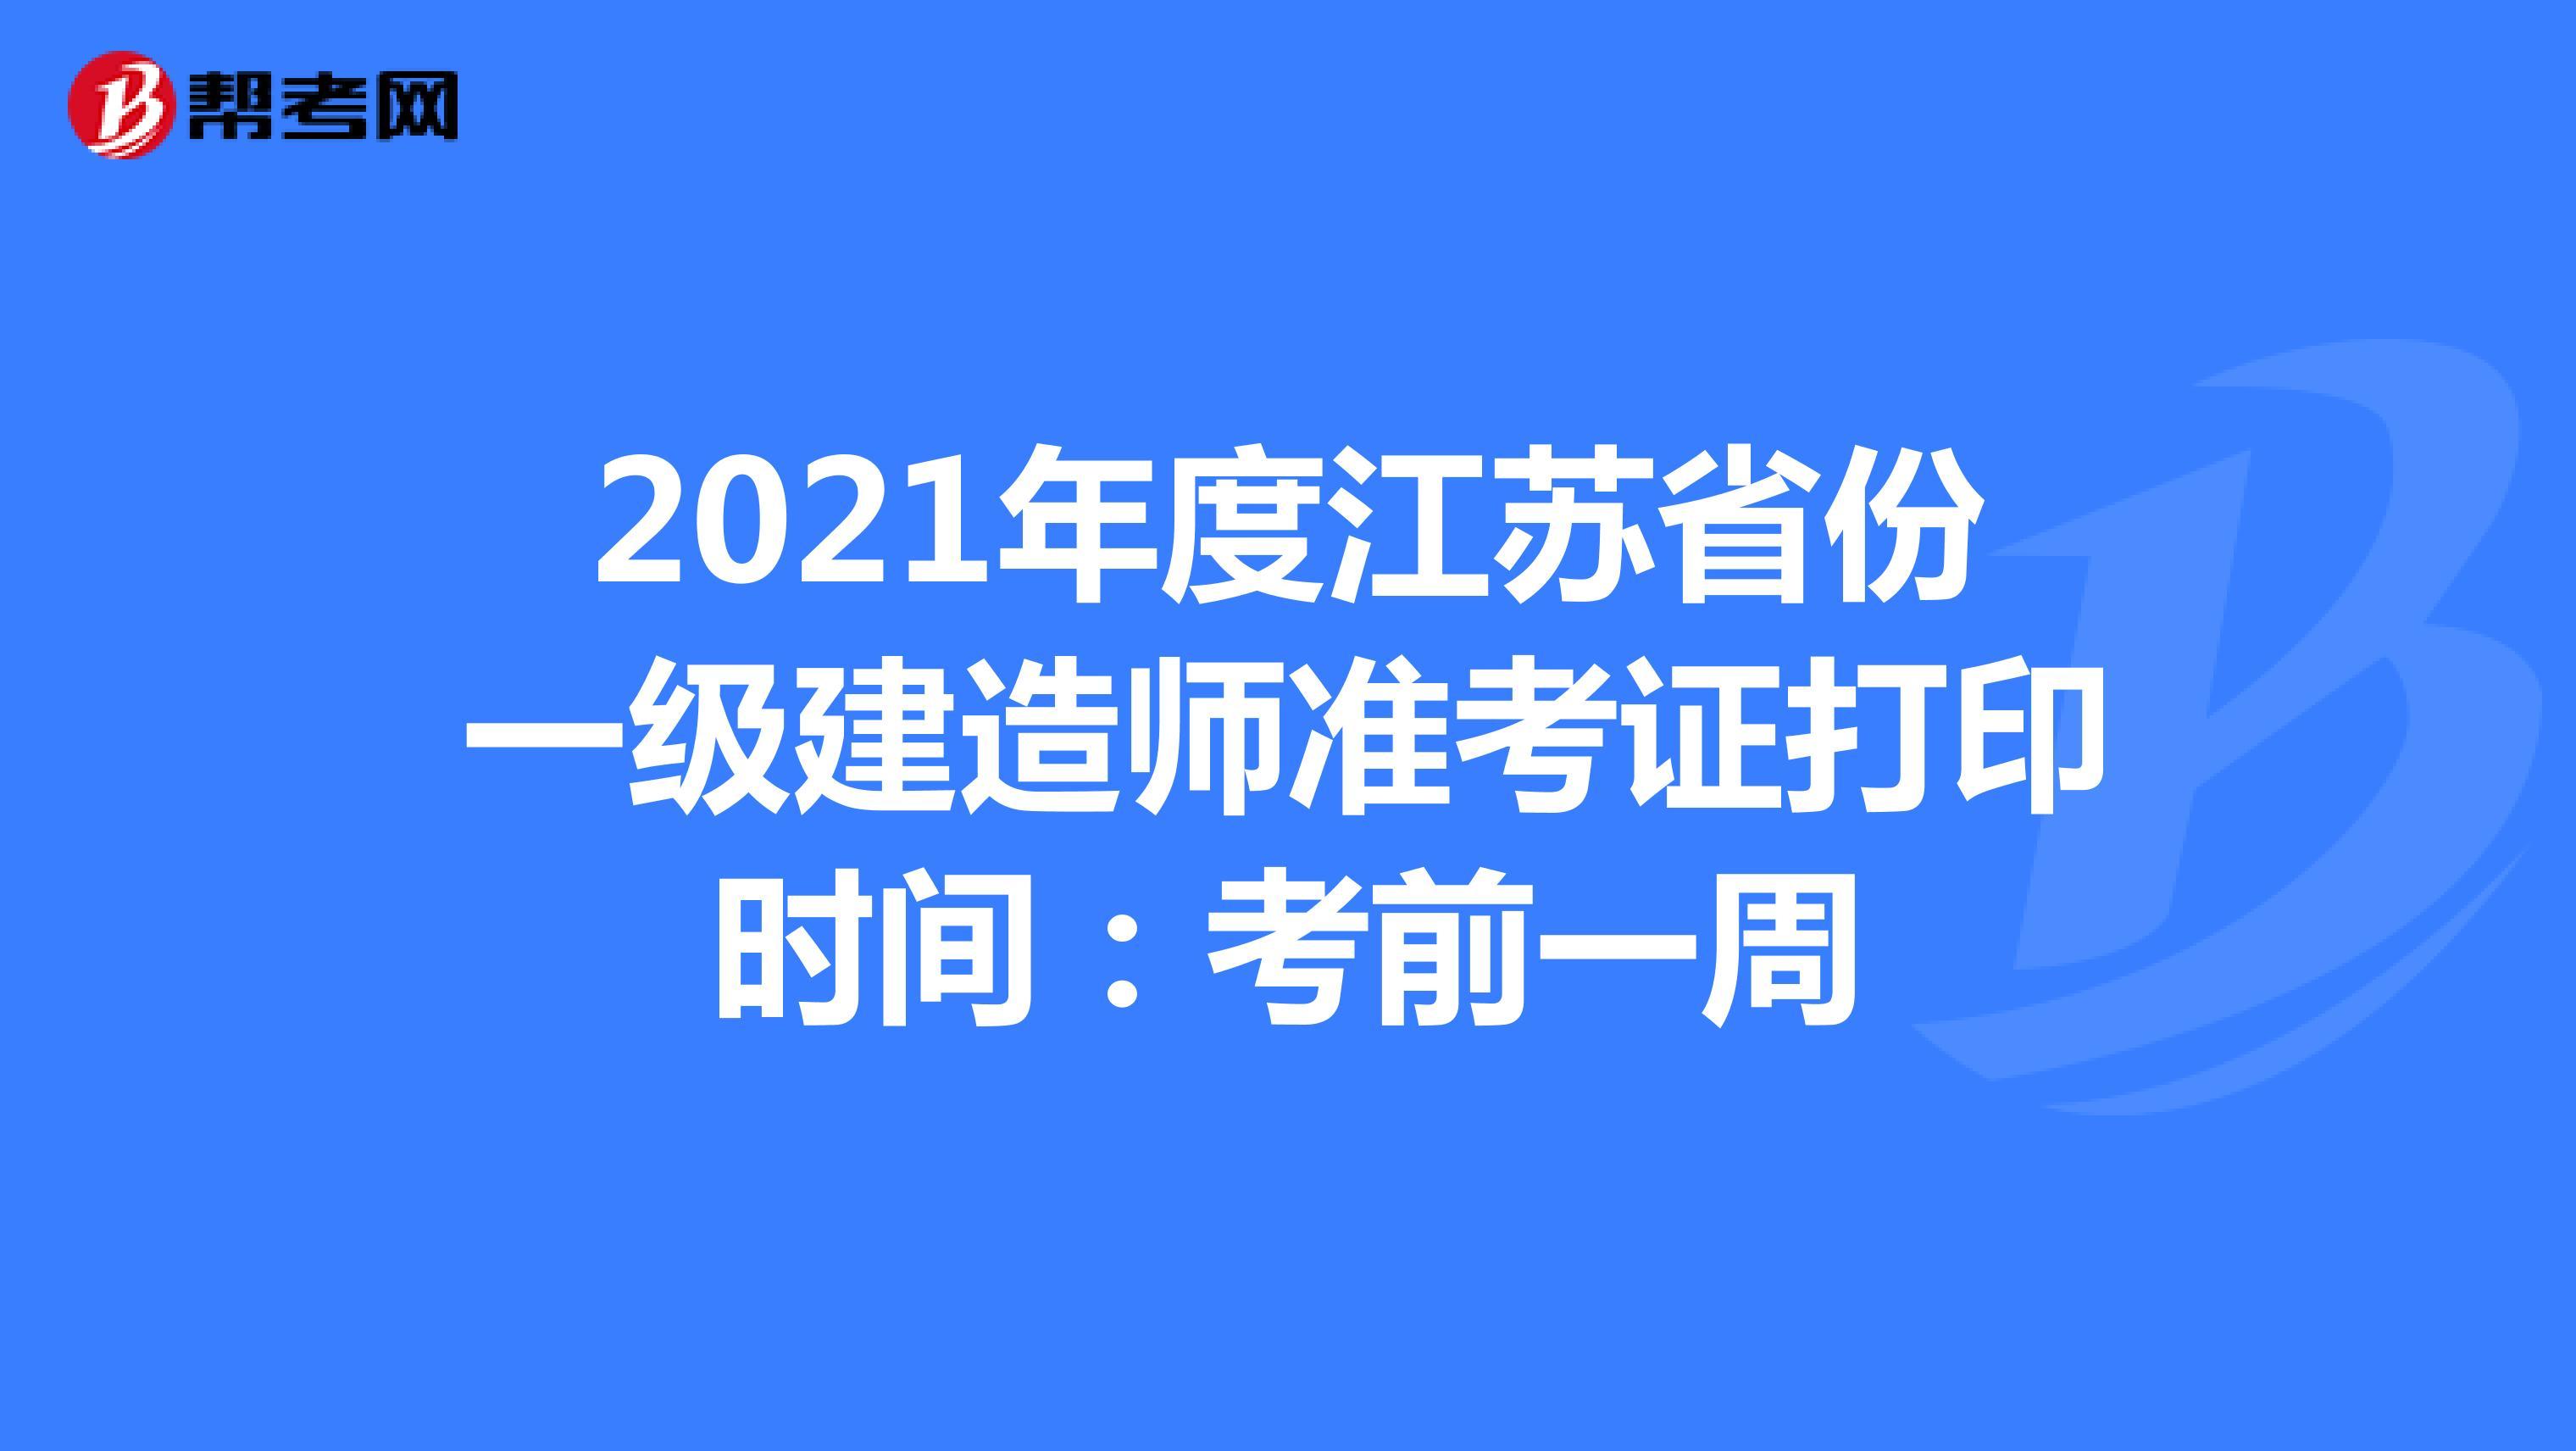 2021年度江苏省份一级建造师准考证打印时间:考前一周